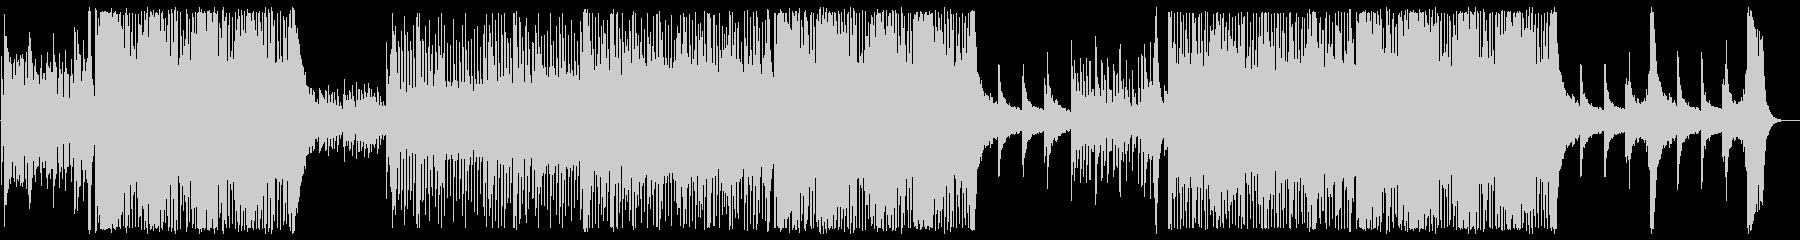 明るいアップテンポなサウンドの未再生の波形